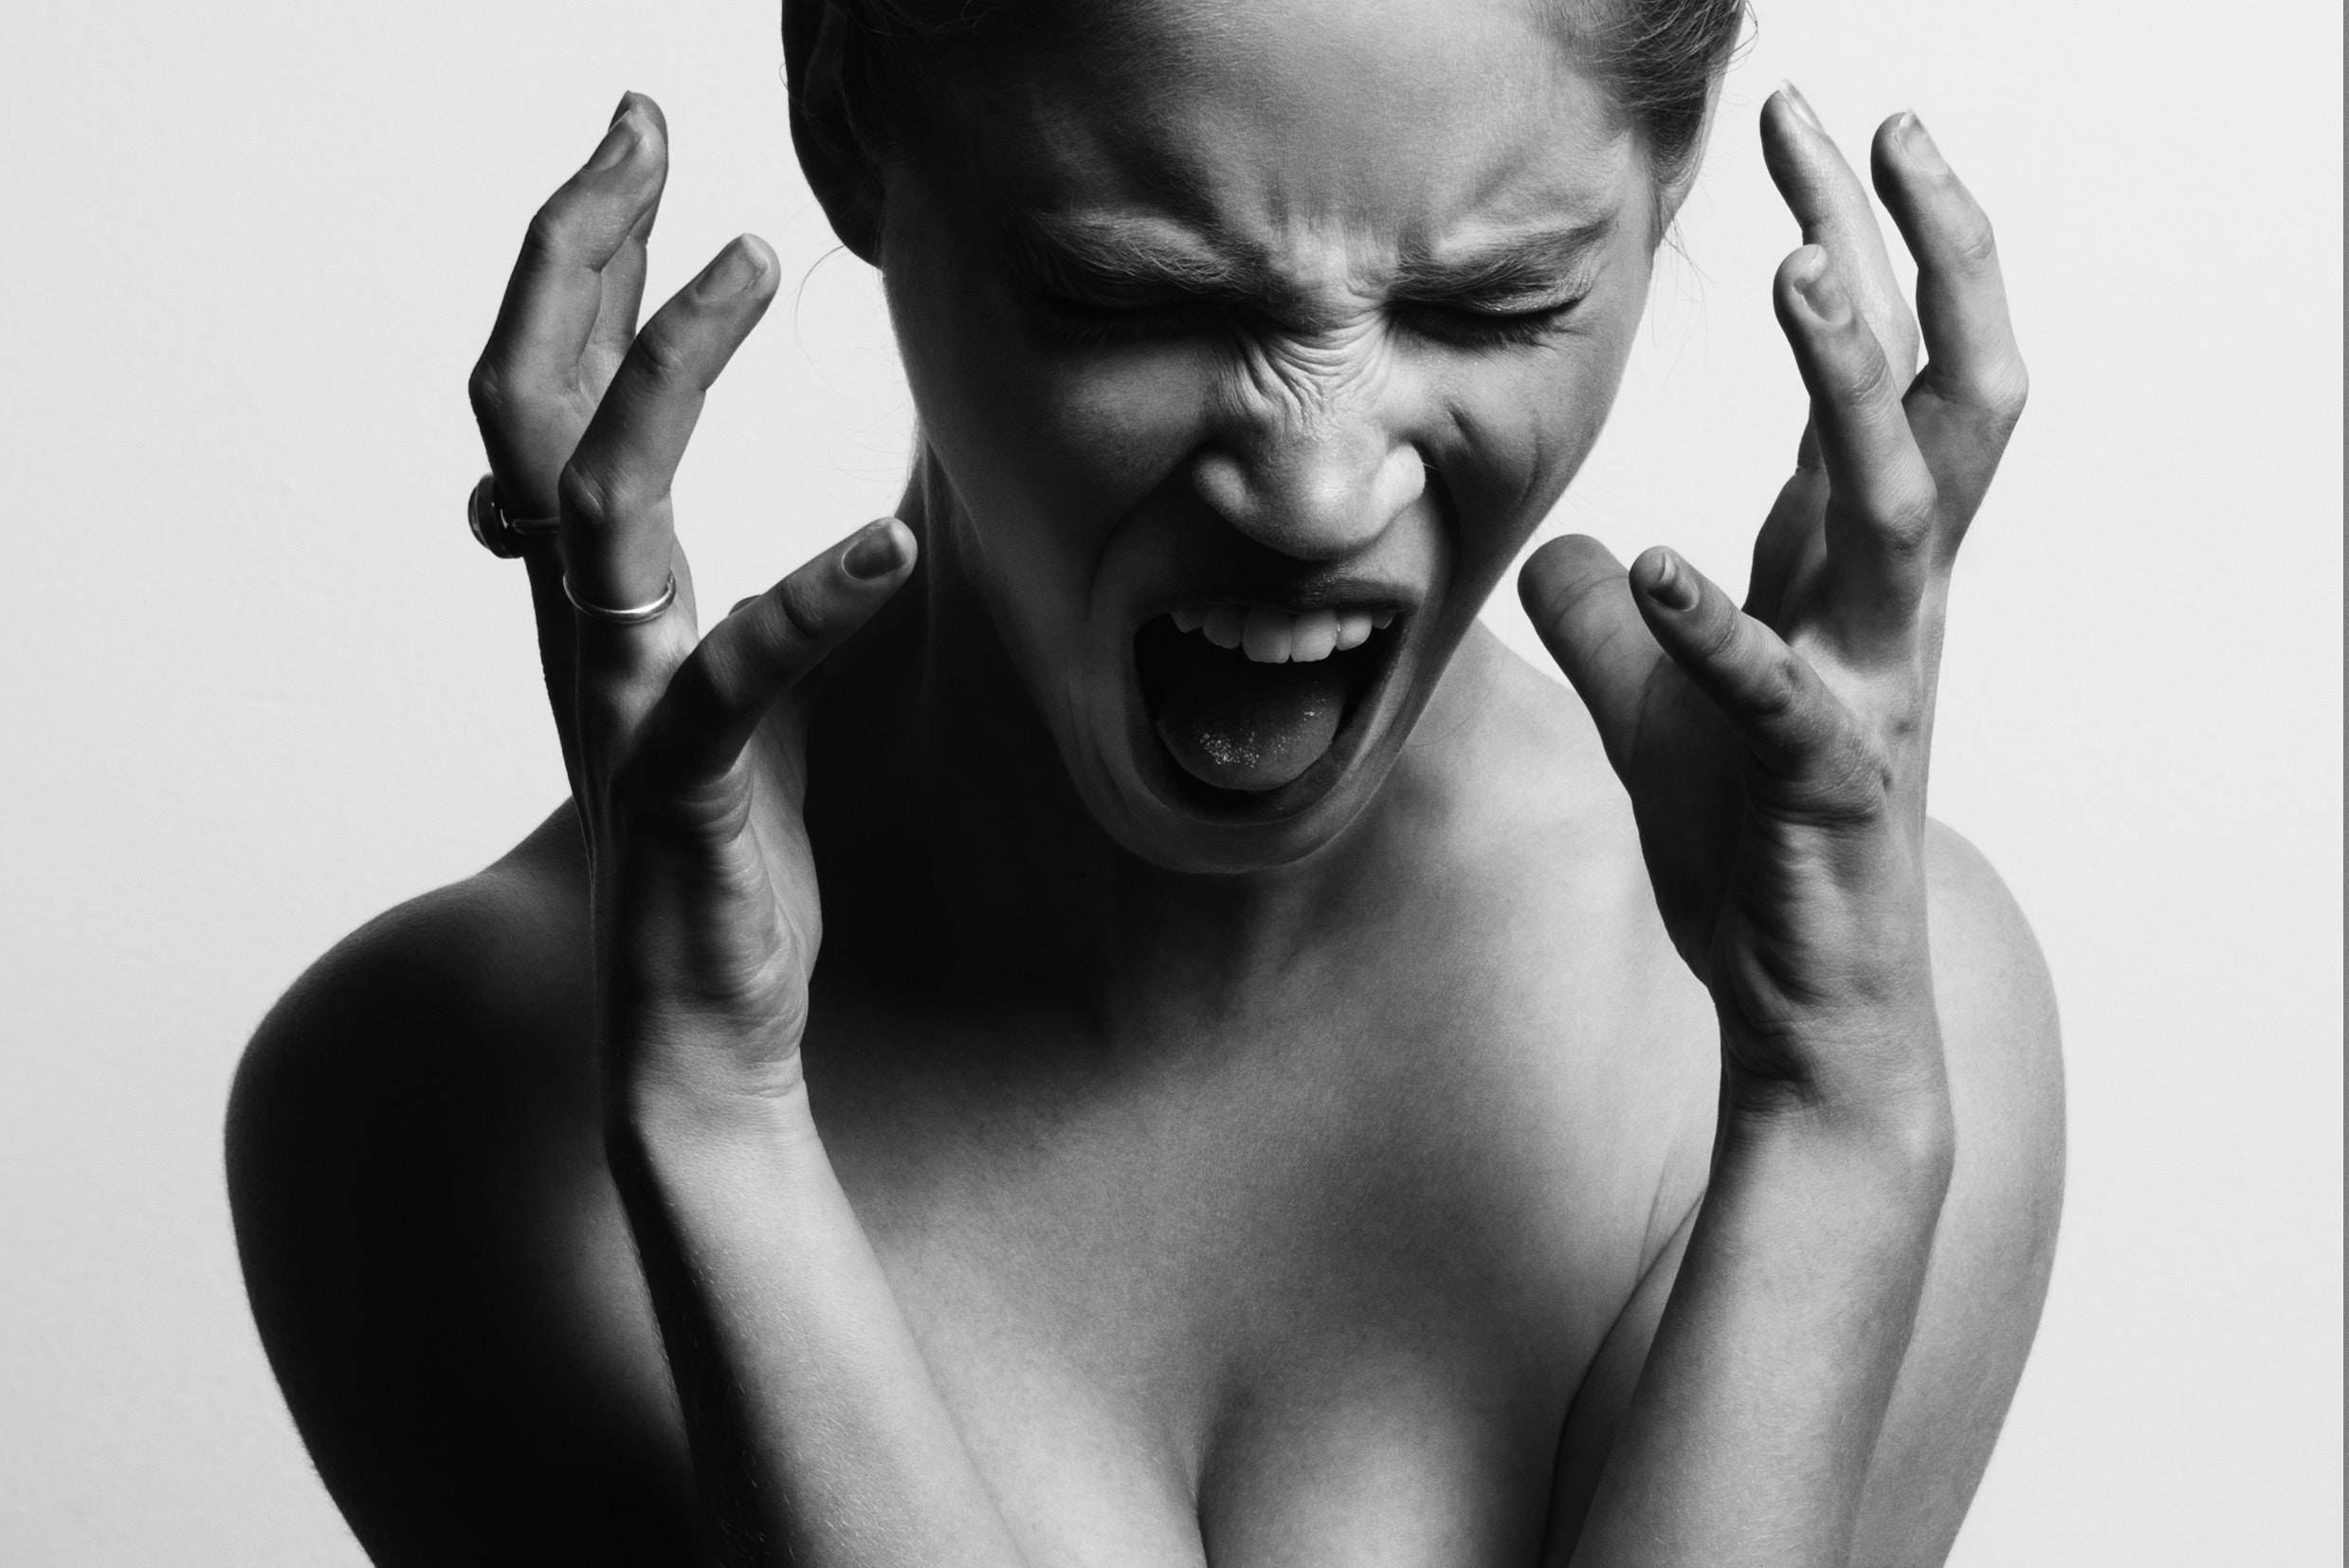 Eine Frau schreit. Gesicht, Oberkörper und Hände sind angespannt. Foto: Gabriel Matula